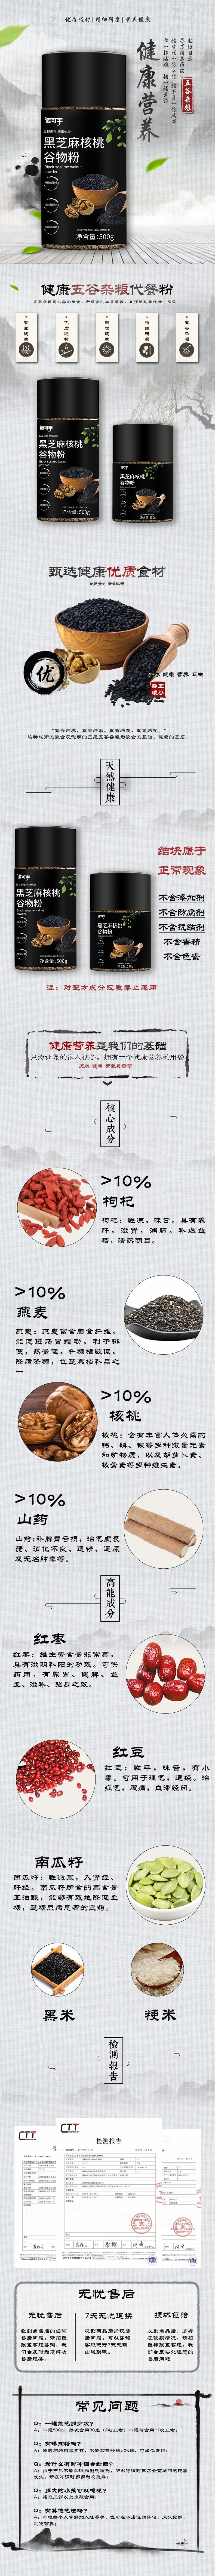 諾可豐-黑芝麻核桃谷物粉